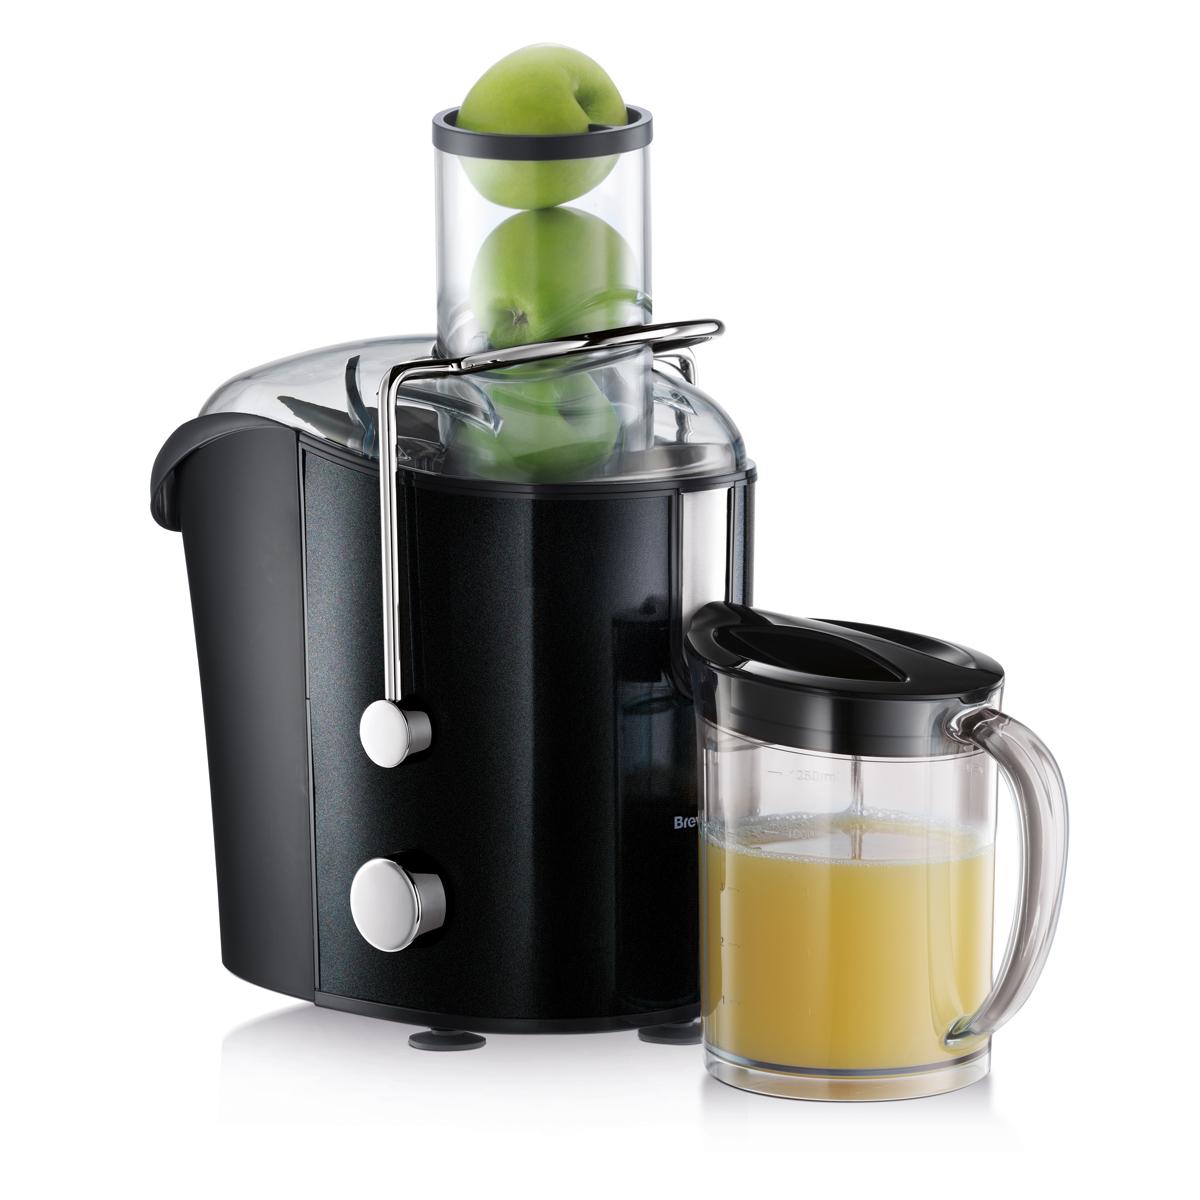 Breville Juicer - Juice Whole Fruit and Vegetables, VFJ016 | Breville